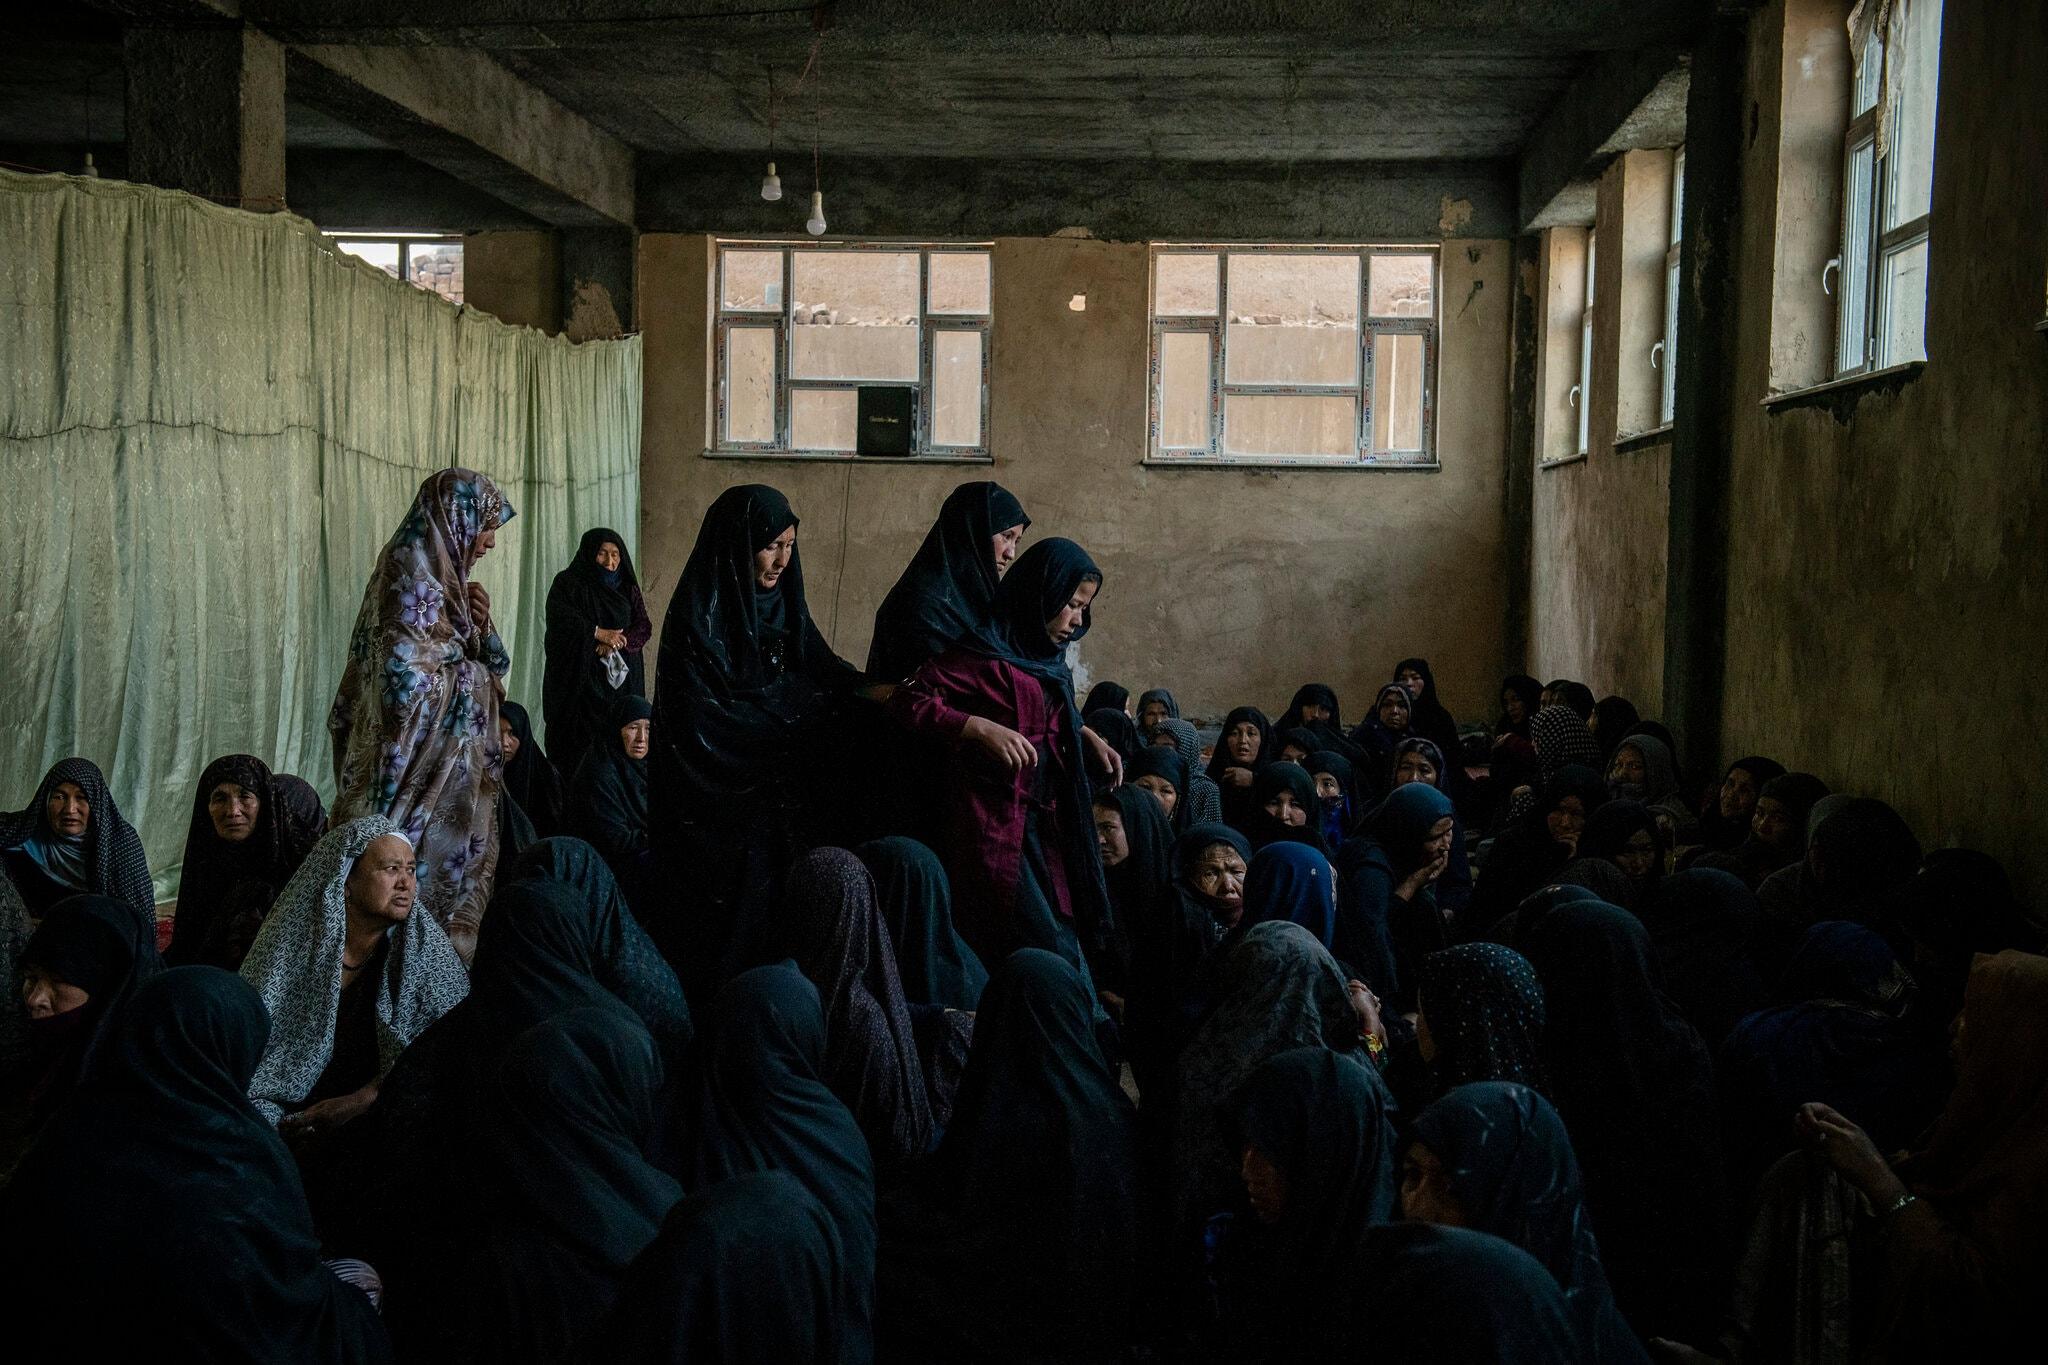 مراسم خاکسپاری دختران افغان در کابل